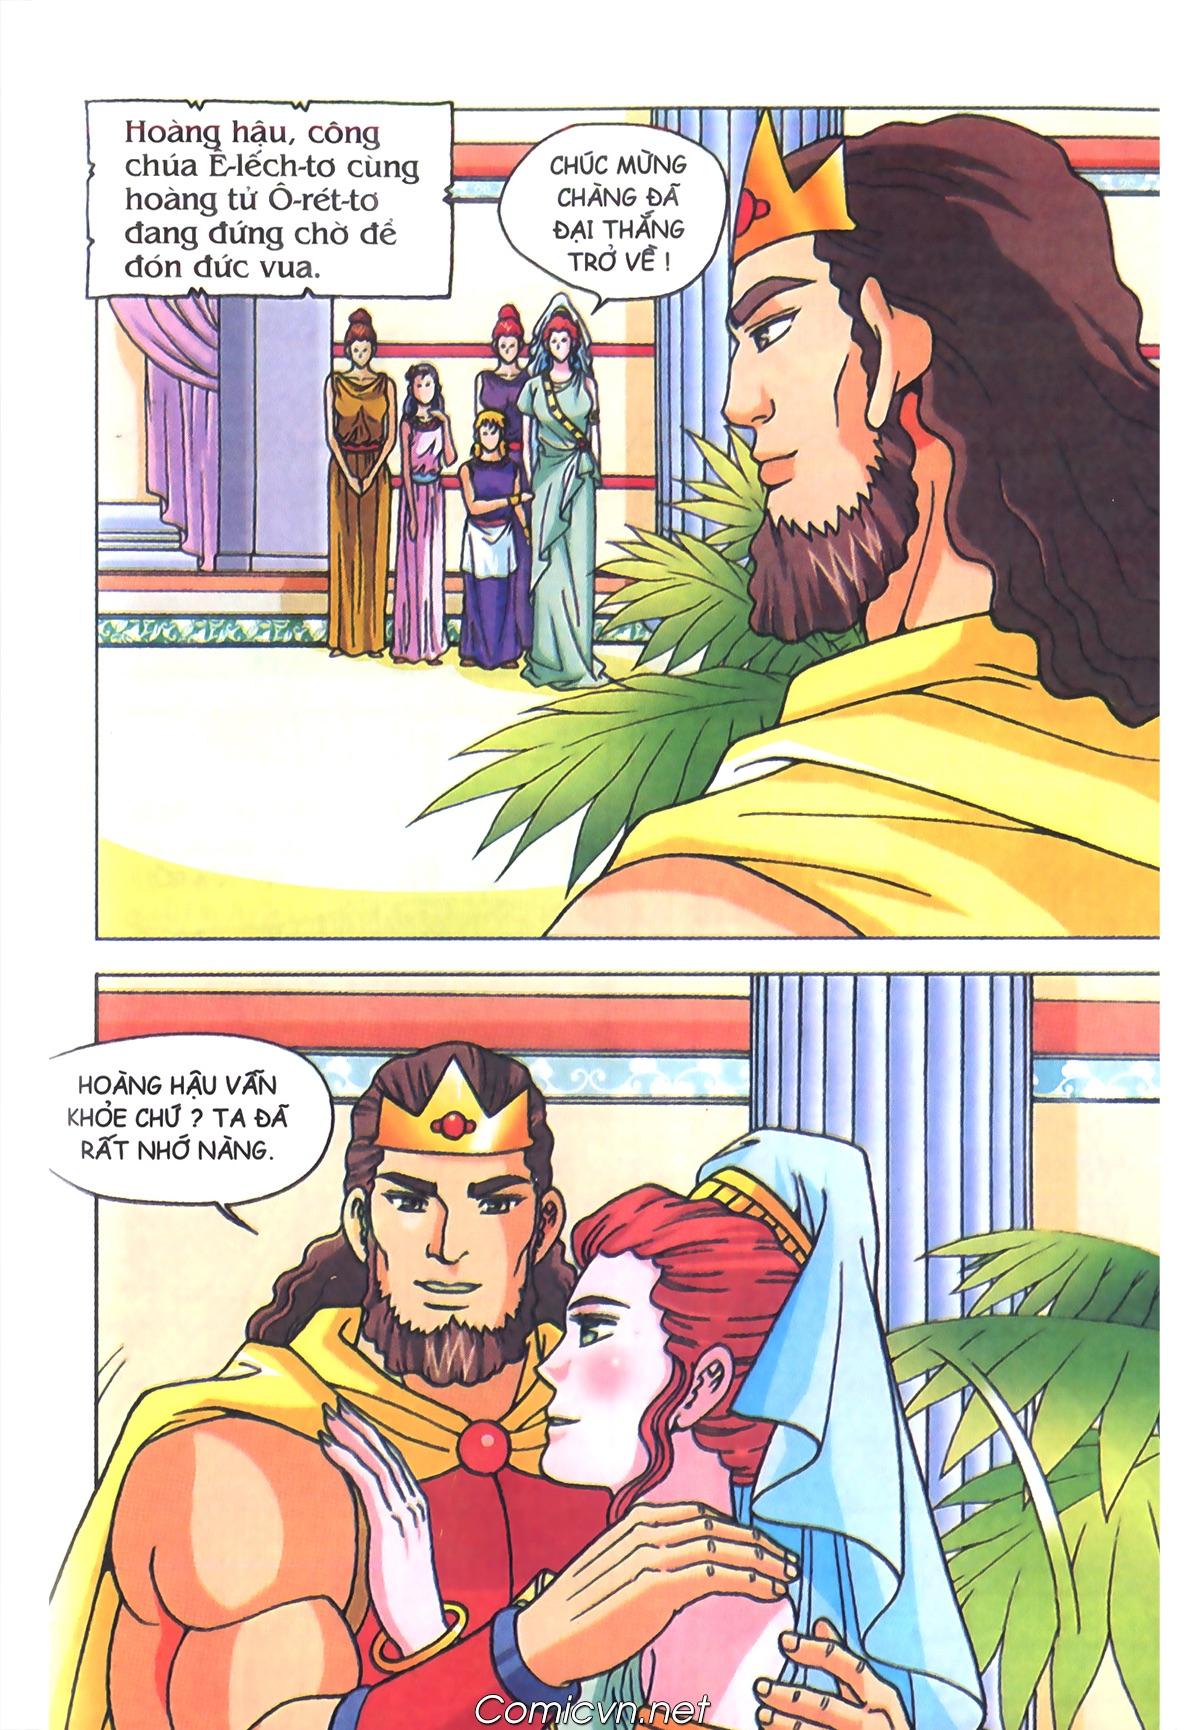 Thần Thoại Hy Lạp Màu - Chapter 70: Nàng Ê lếch tơ - Pic 10